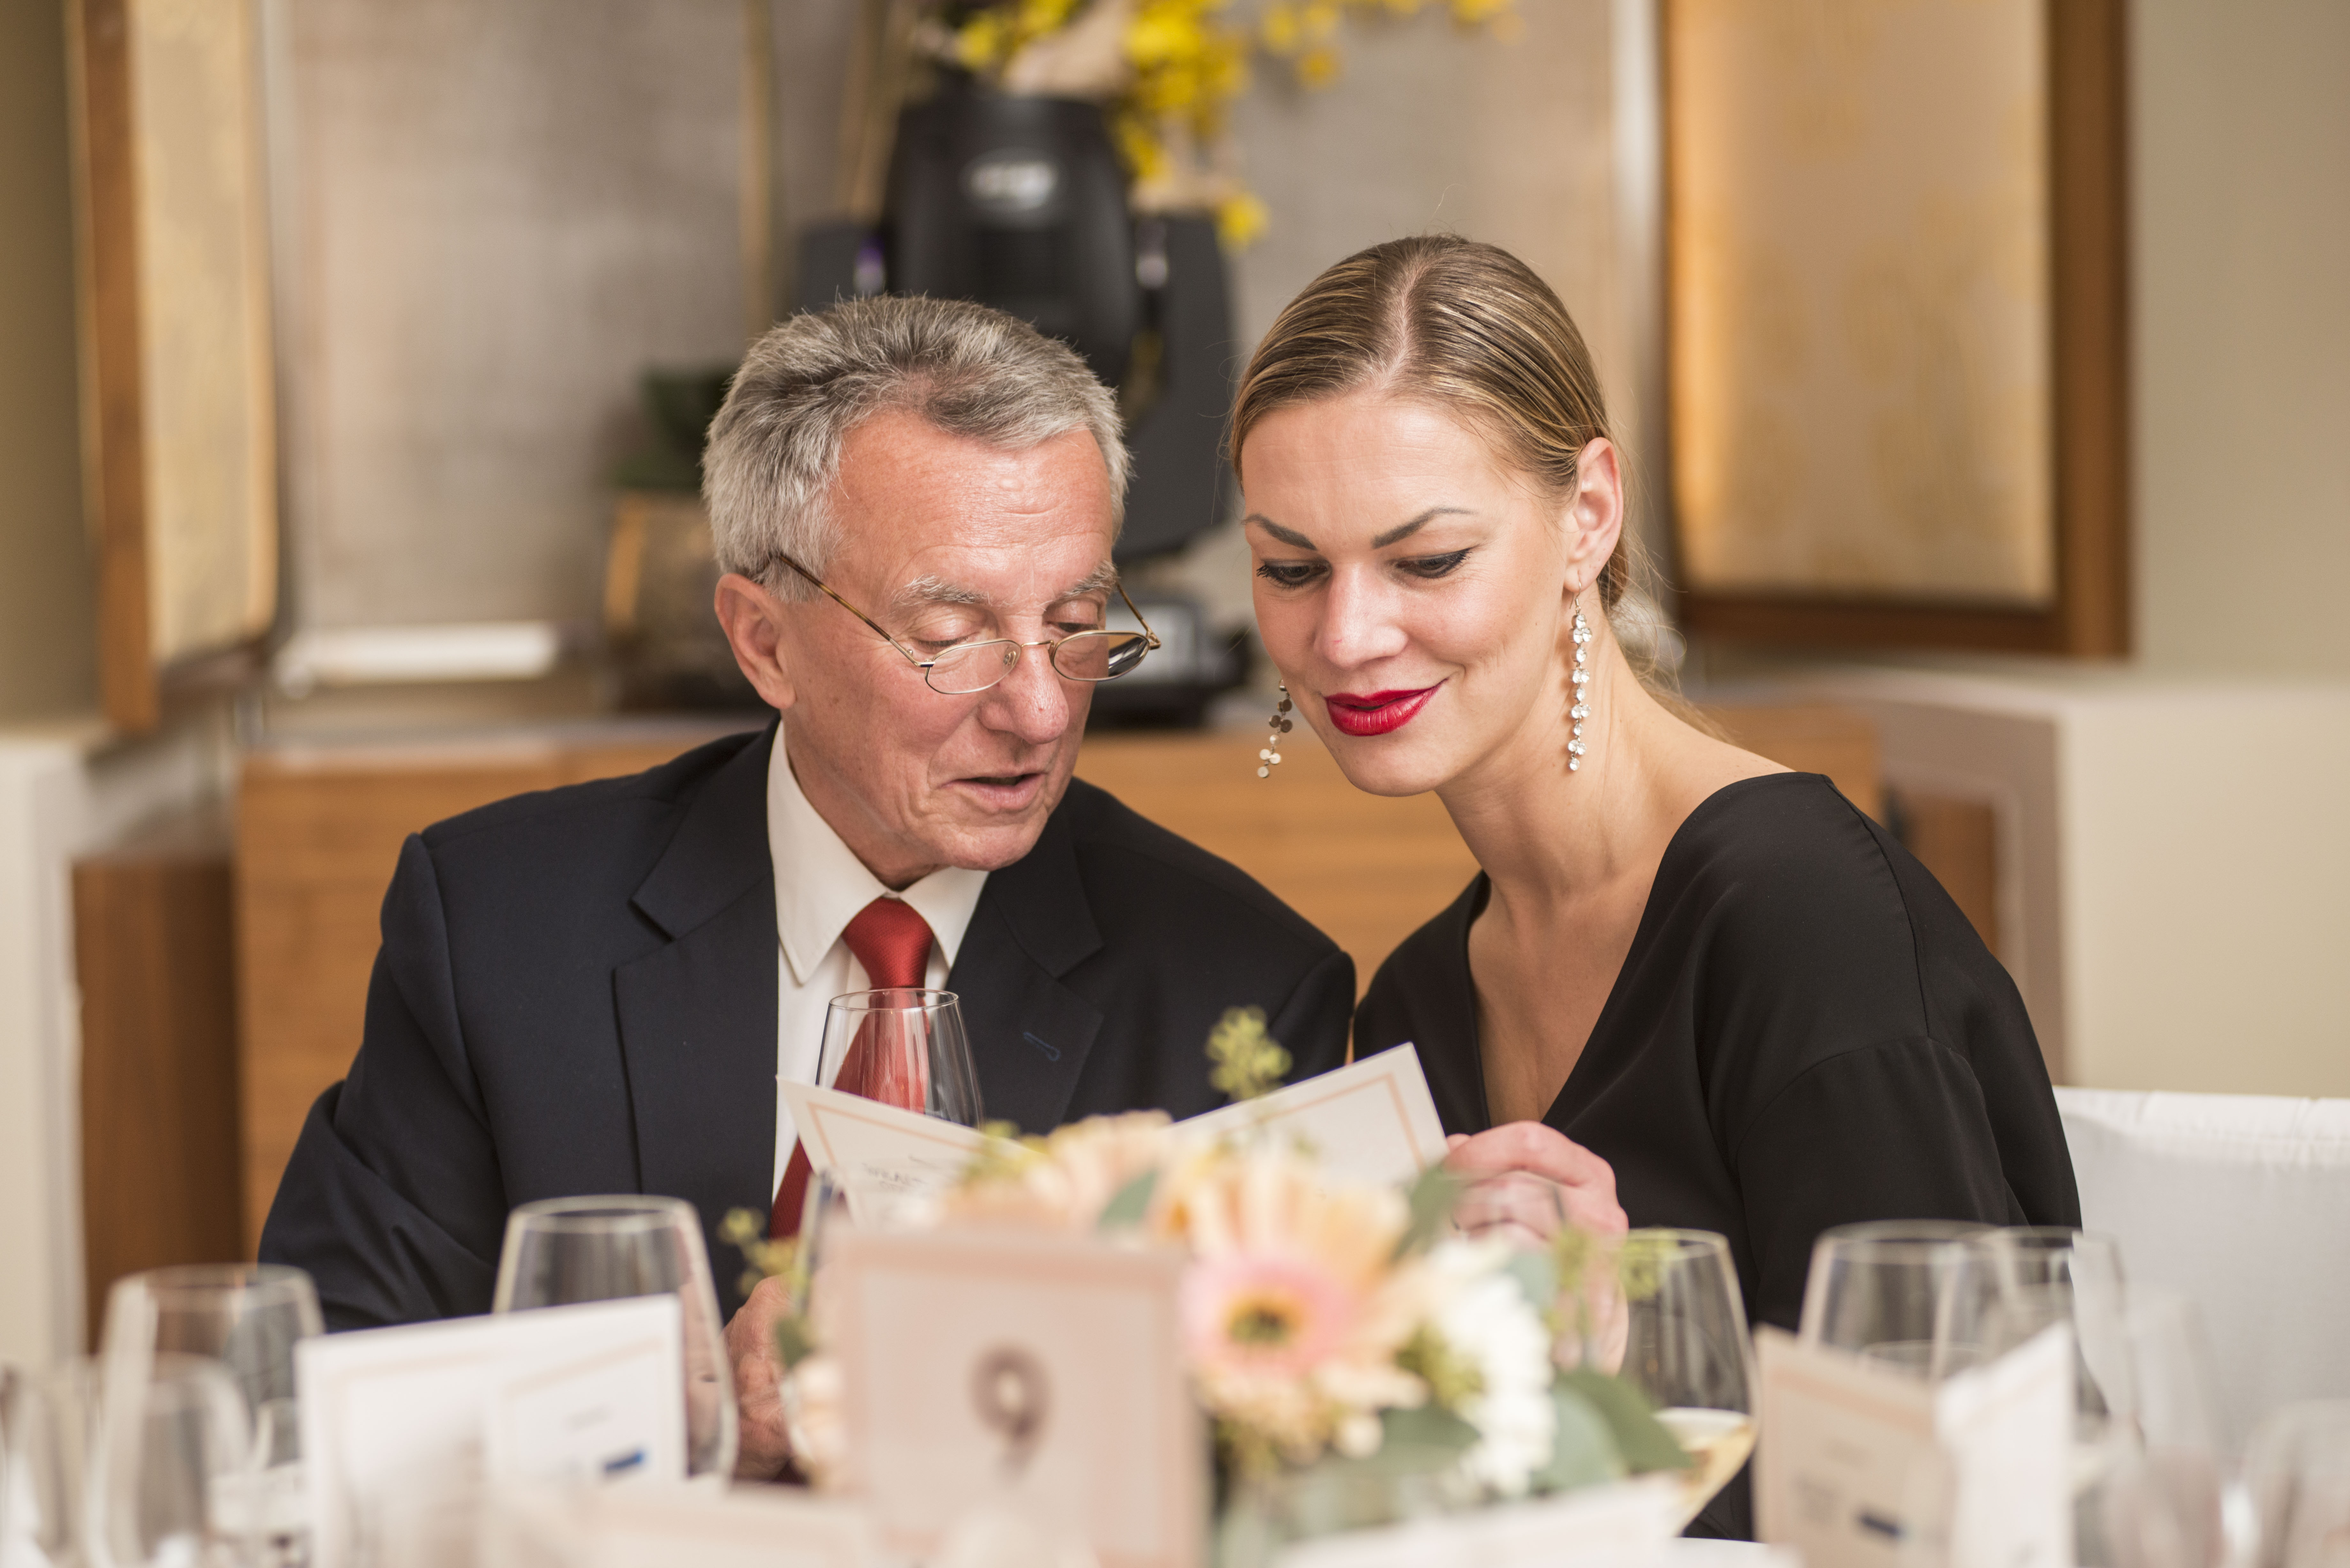 Andrea Kotašková (Premier Wines&Spirits), další zpartnerů večera, vdoprovodu MUDr.  Václava Pechy (zakladatel Mama centra a Mammahelp)